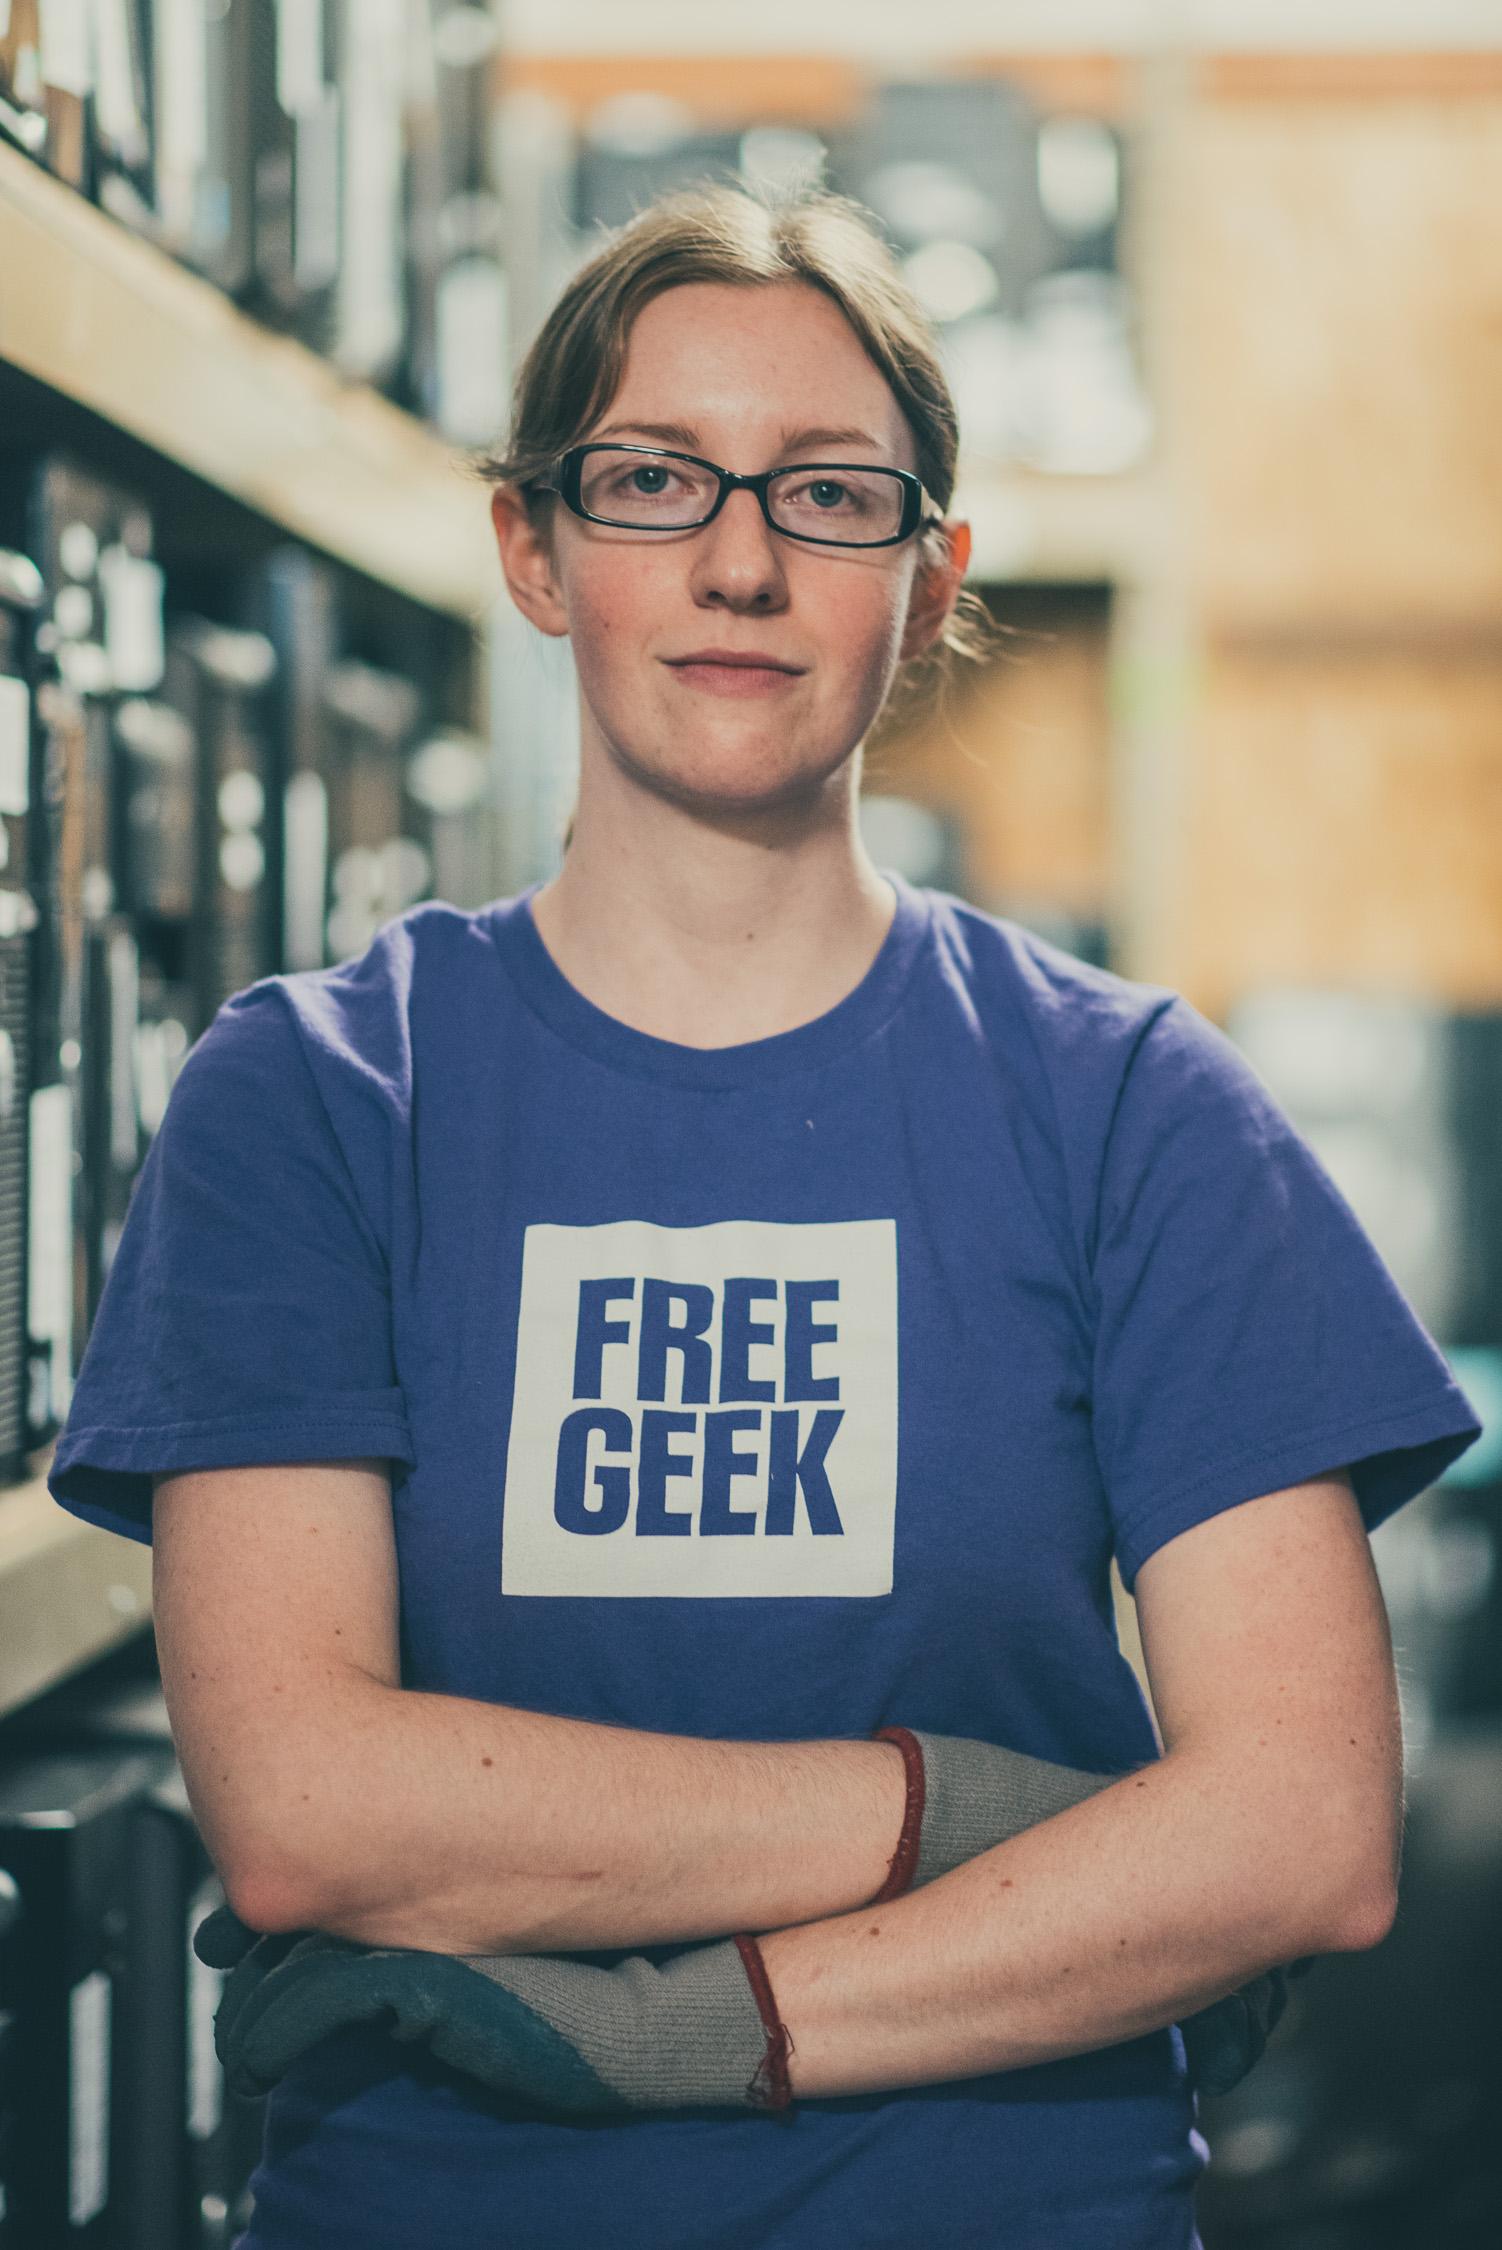 Free Geek Another Look 09.10.15-175.jpg